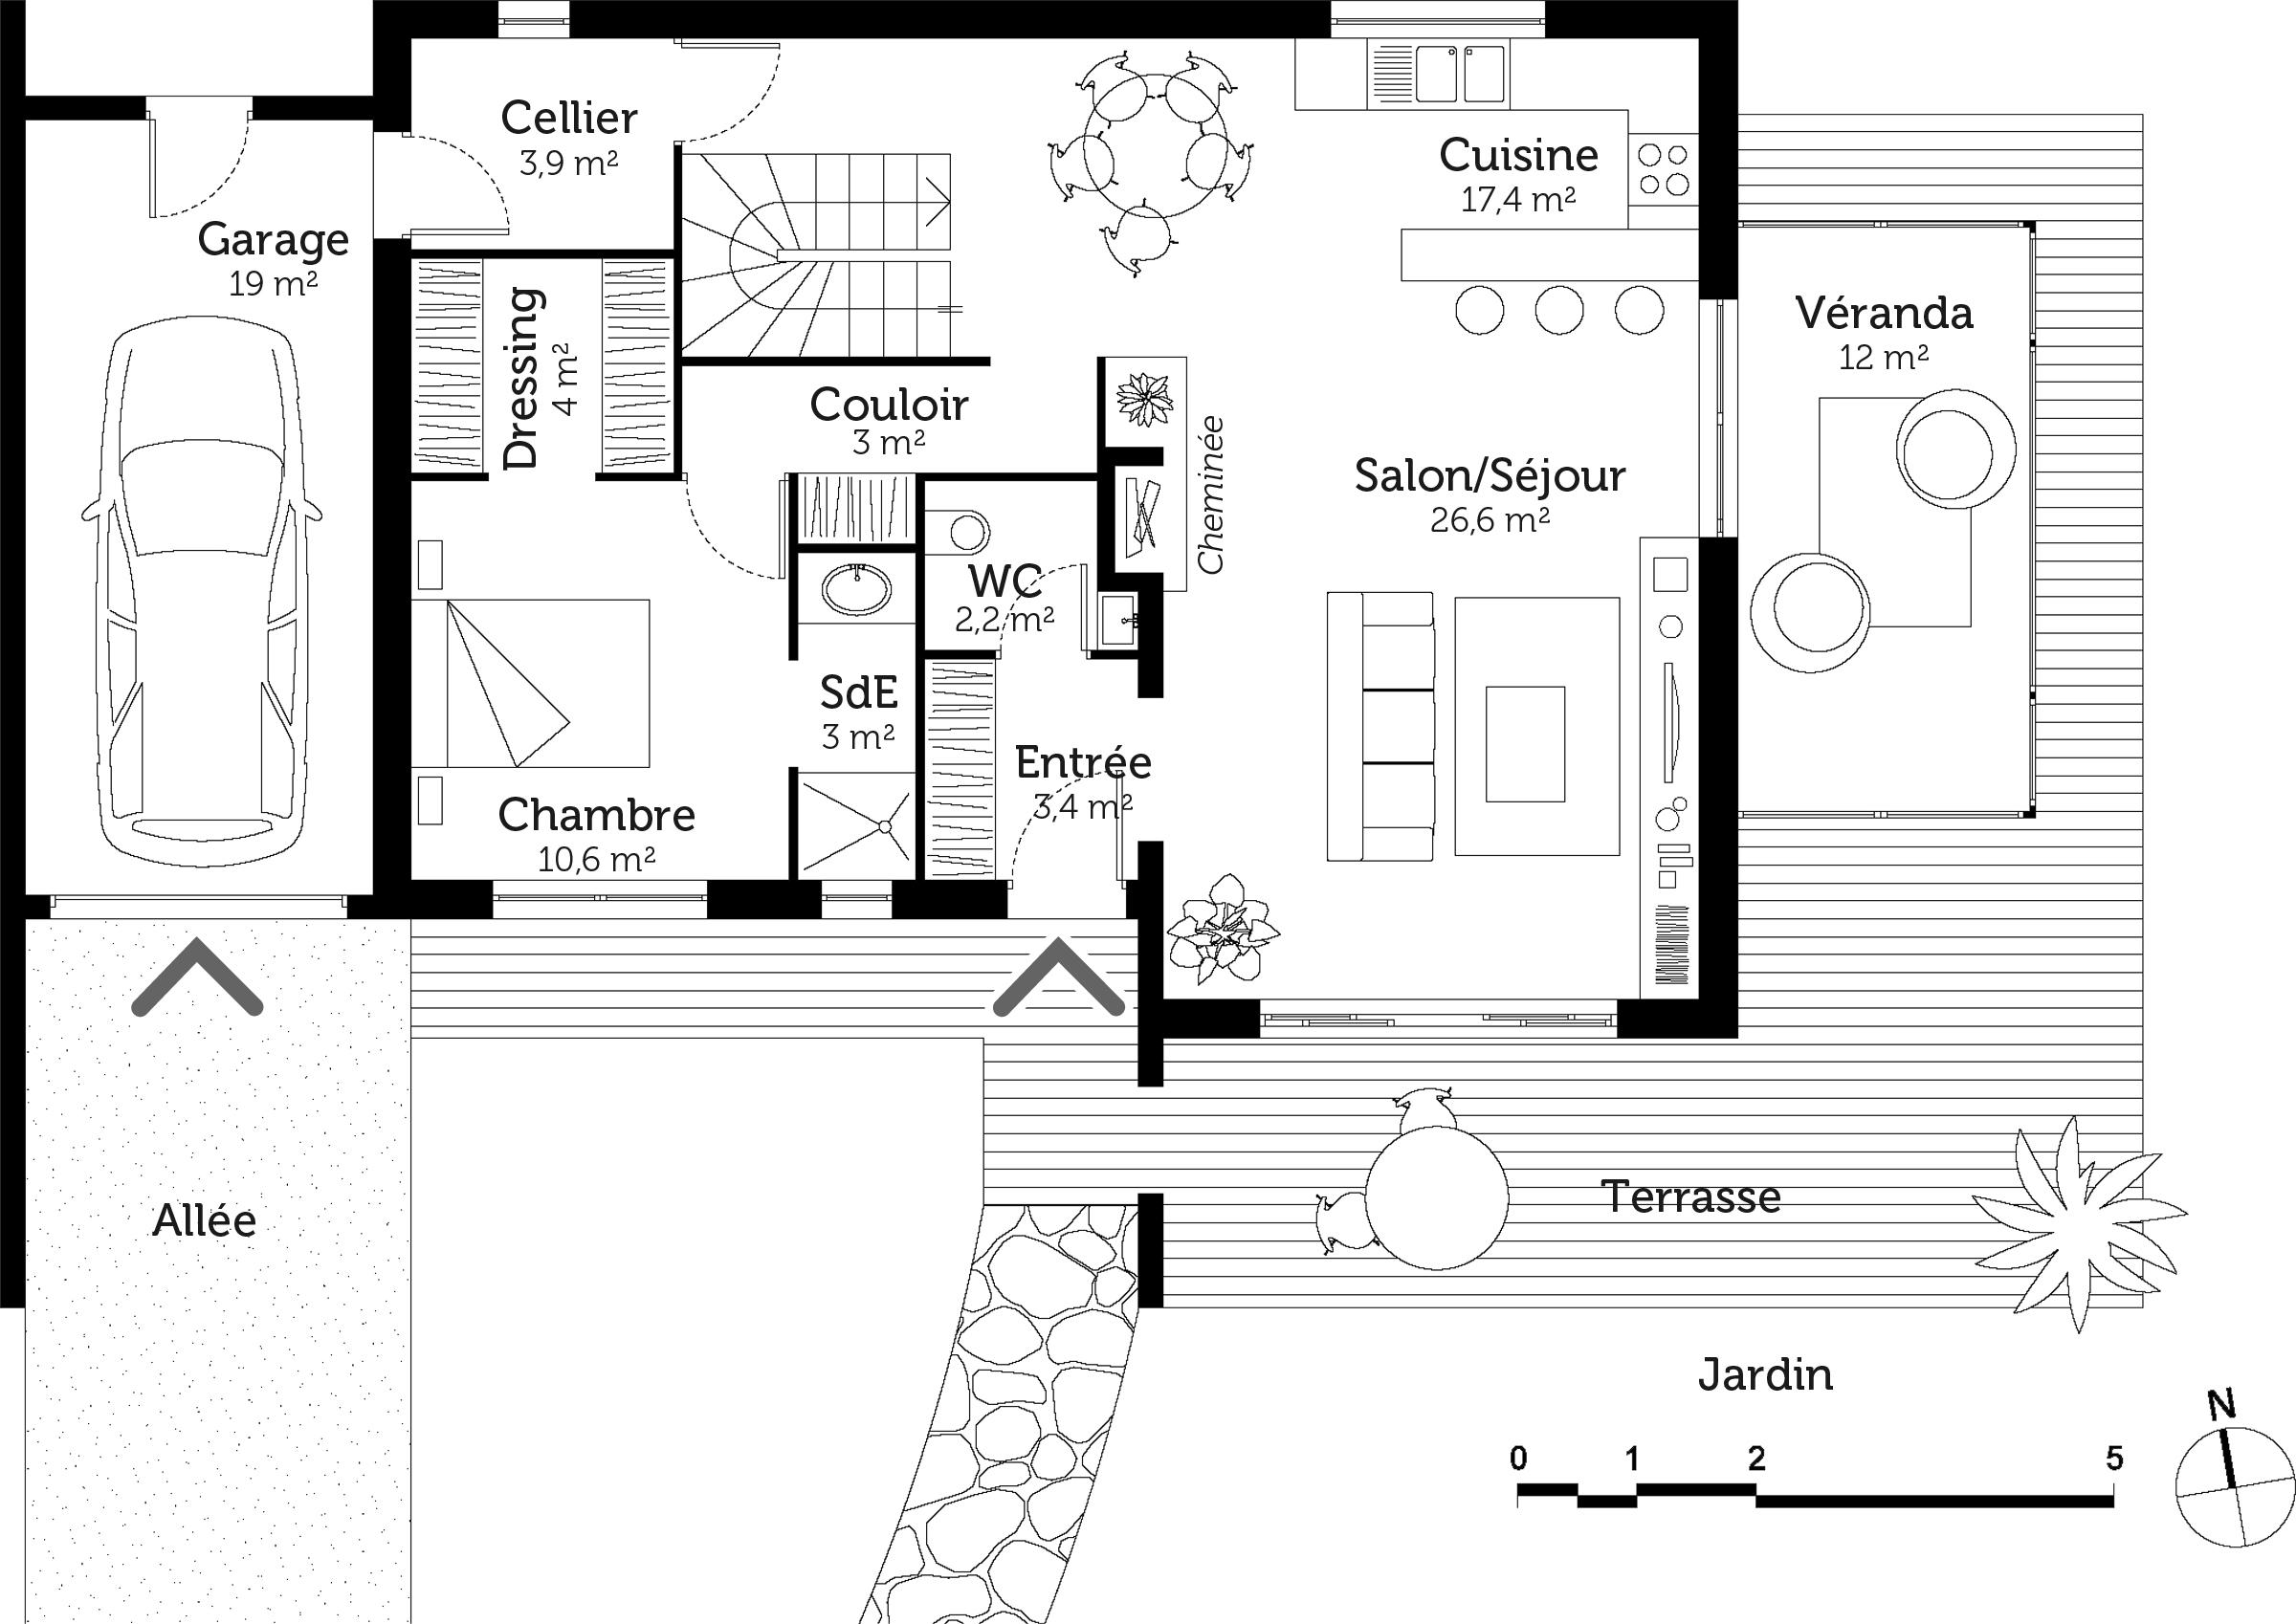 #666666 Plan Maison à étage De 110 M² Avec Véranda Ooreka 4971 plan piece a vivre 30m2 2400x1698 px @ aertt.com